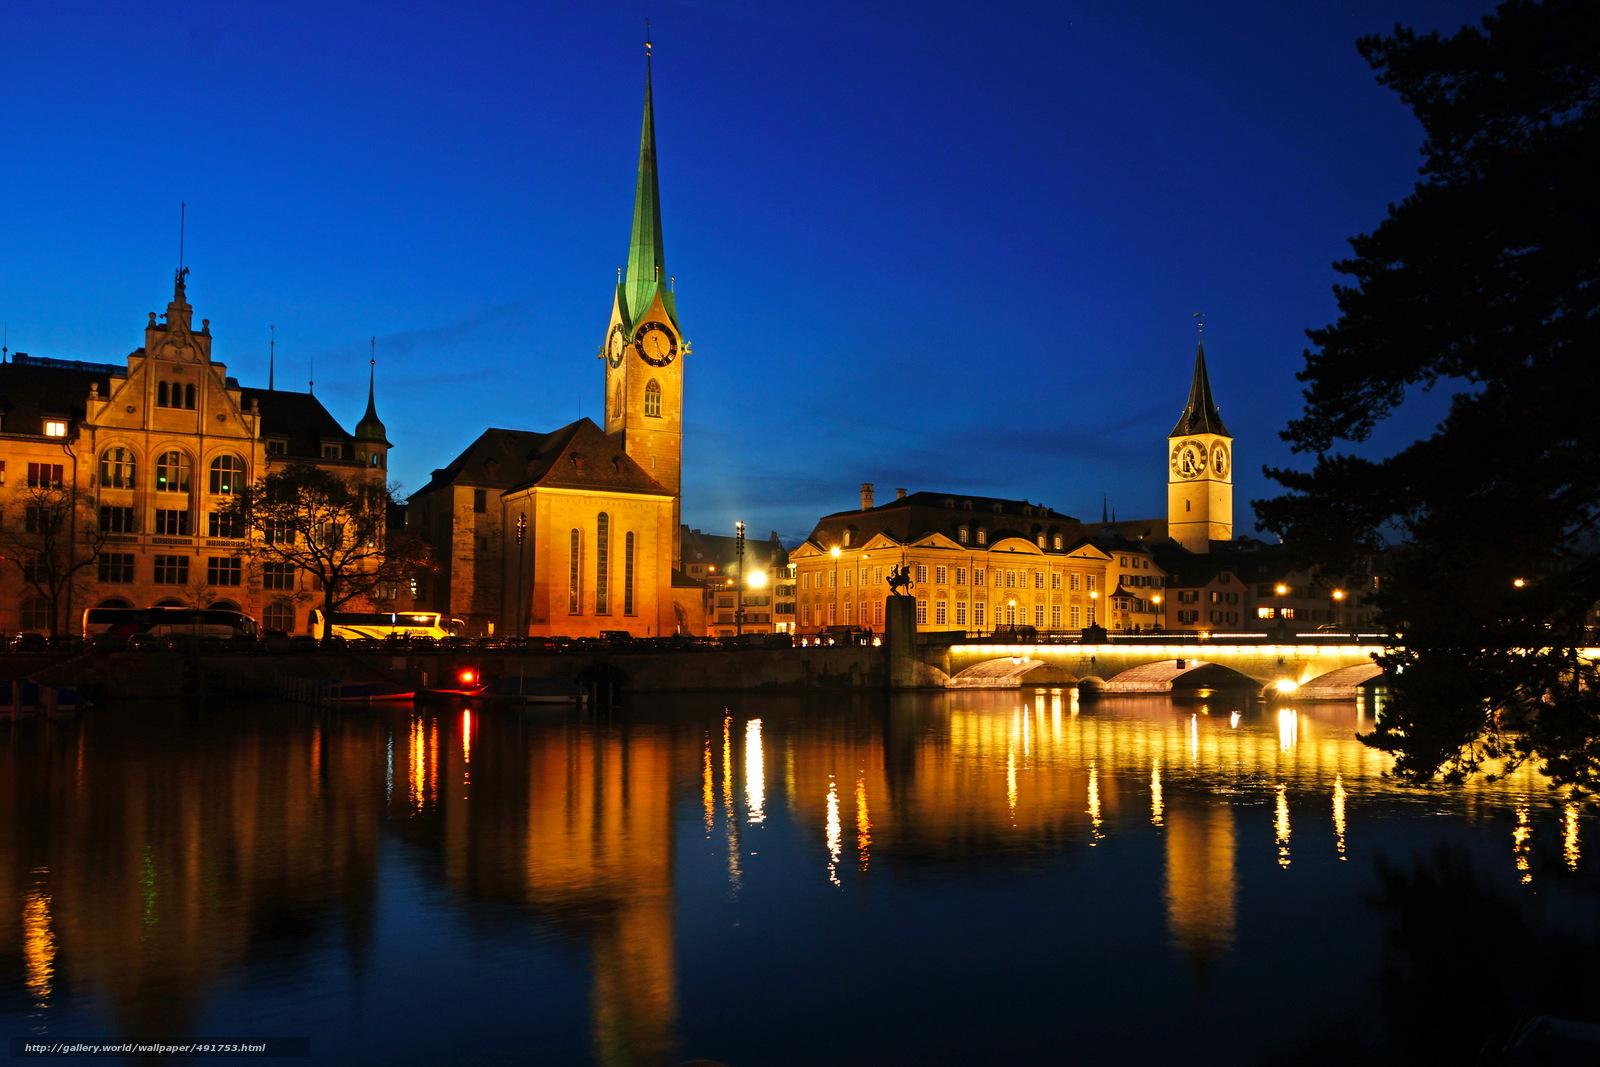 Download Wallpaper Switzerland, River, Zurich, Night Free